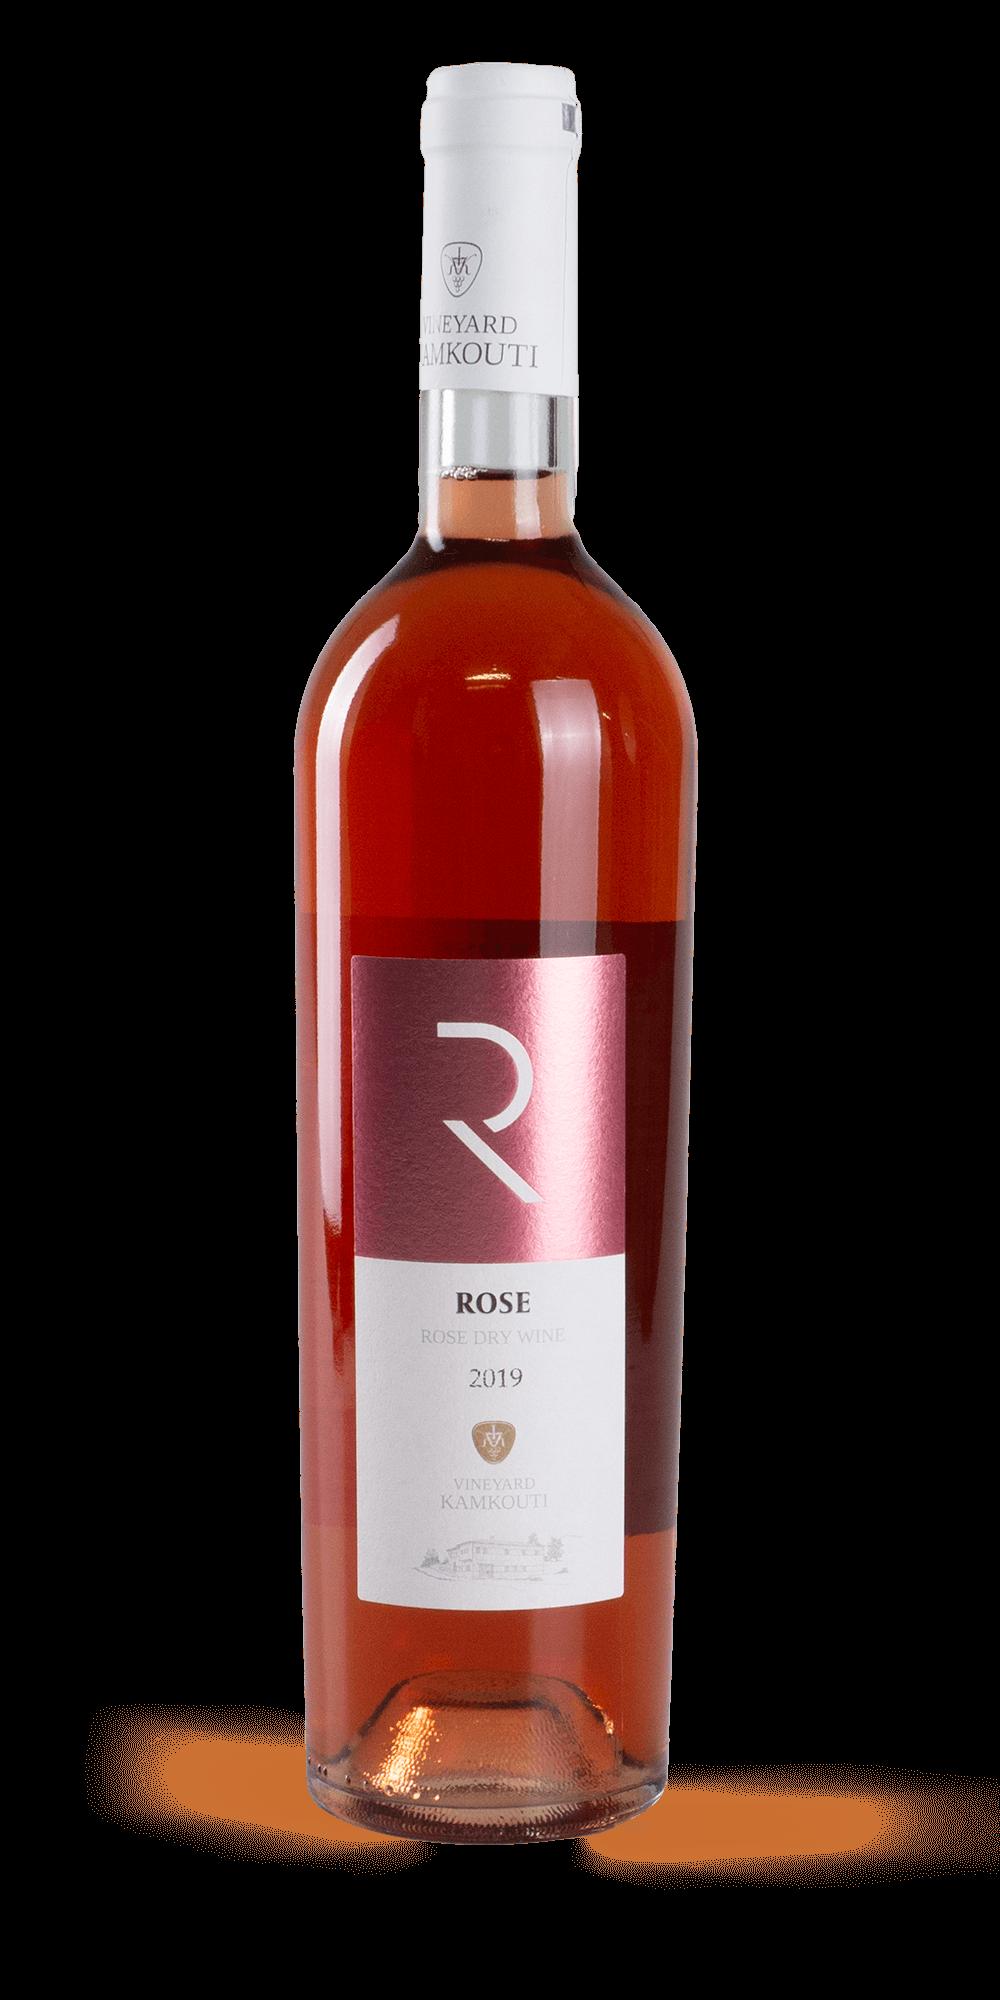 Rose 2019 - Kamkoutis Vineyards